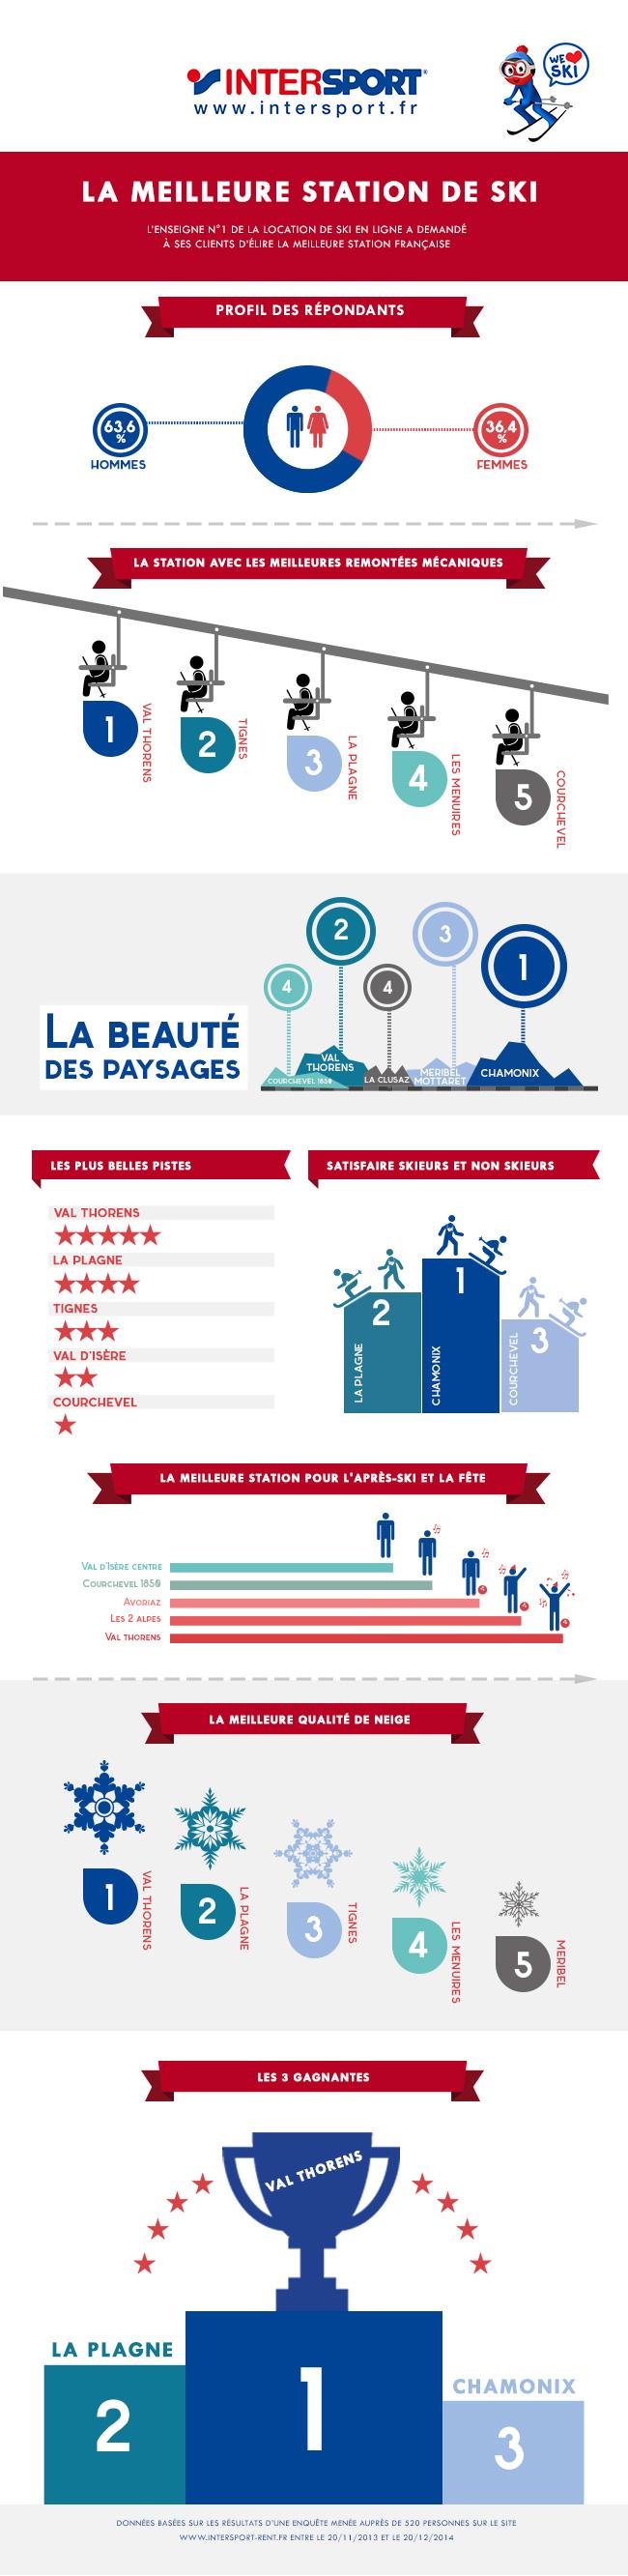 meilleure station ski en France